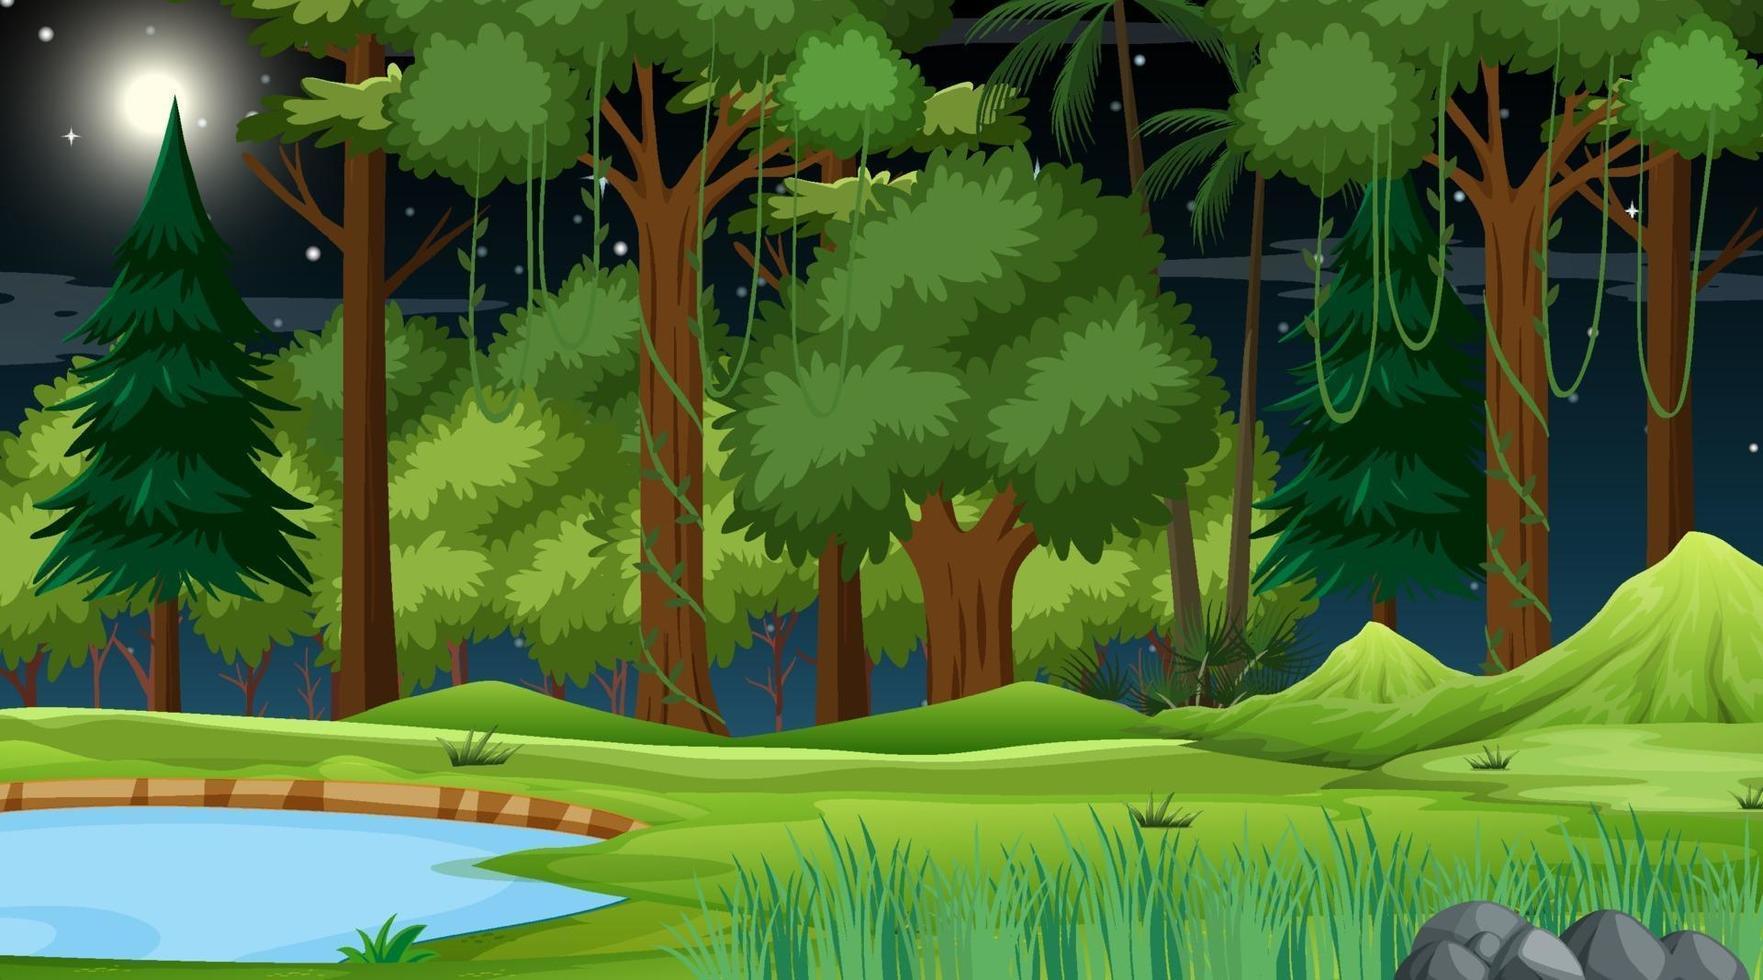 skog natur scen med damm och många träd på natten vektor